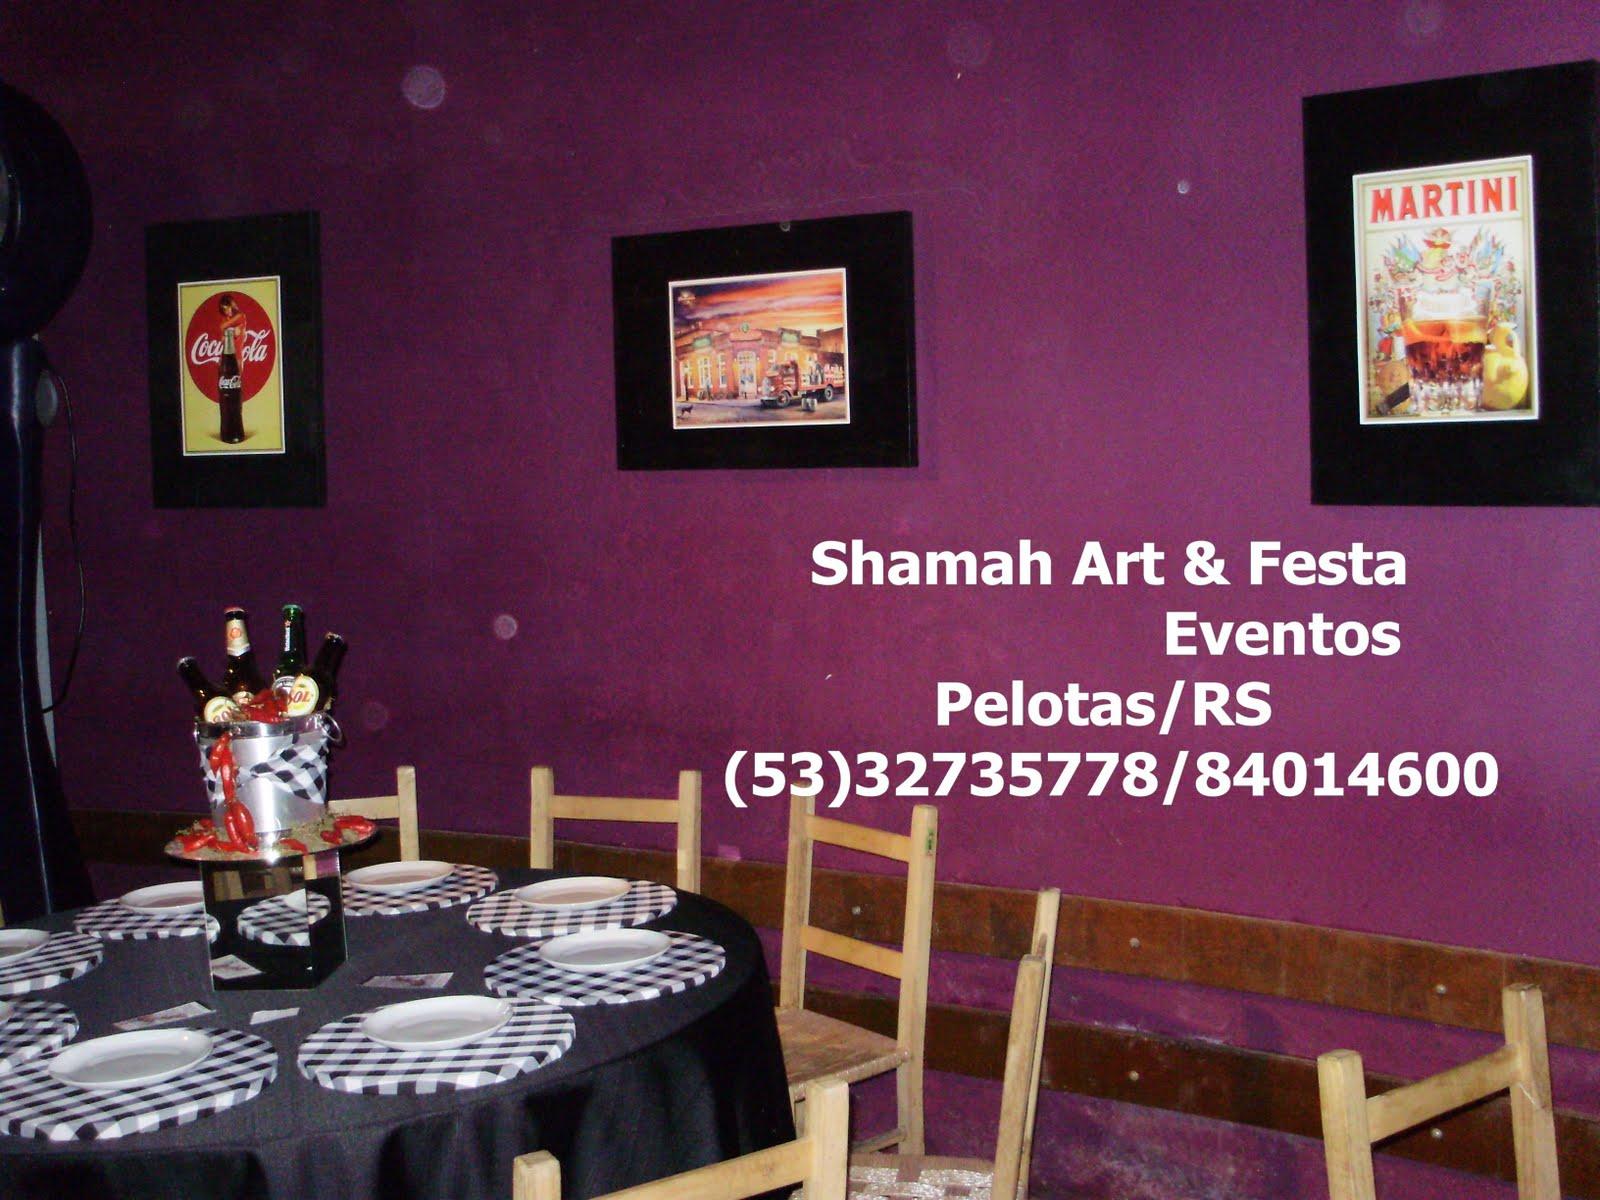 juca decoração shamah art festa eventos local dc eventos pelotas rs